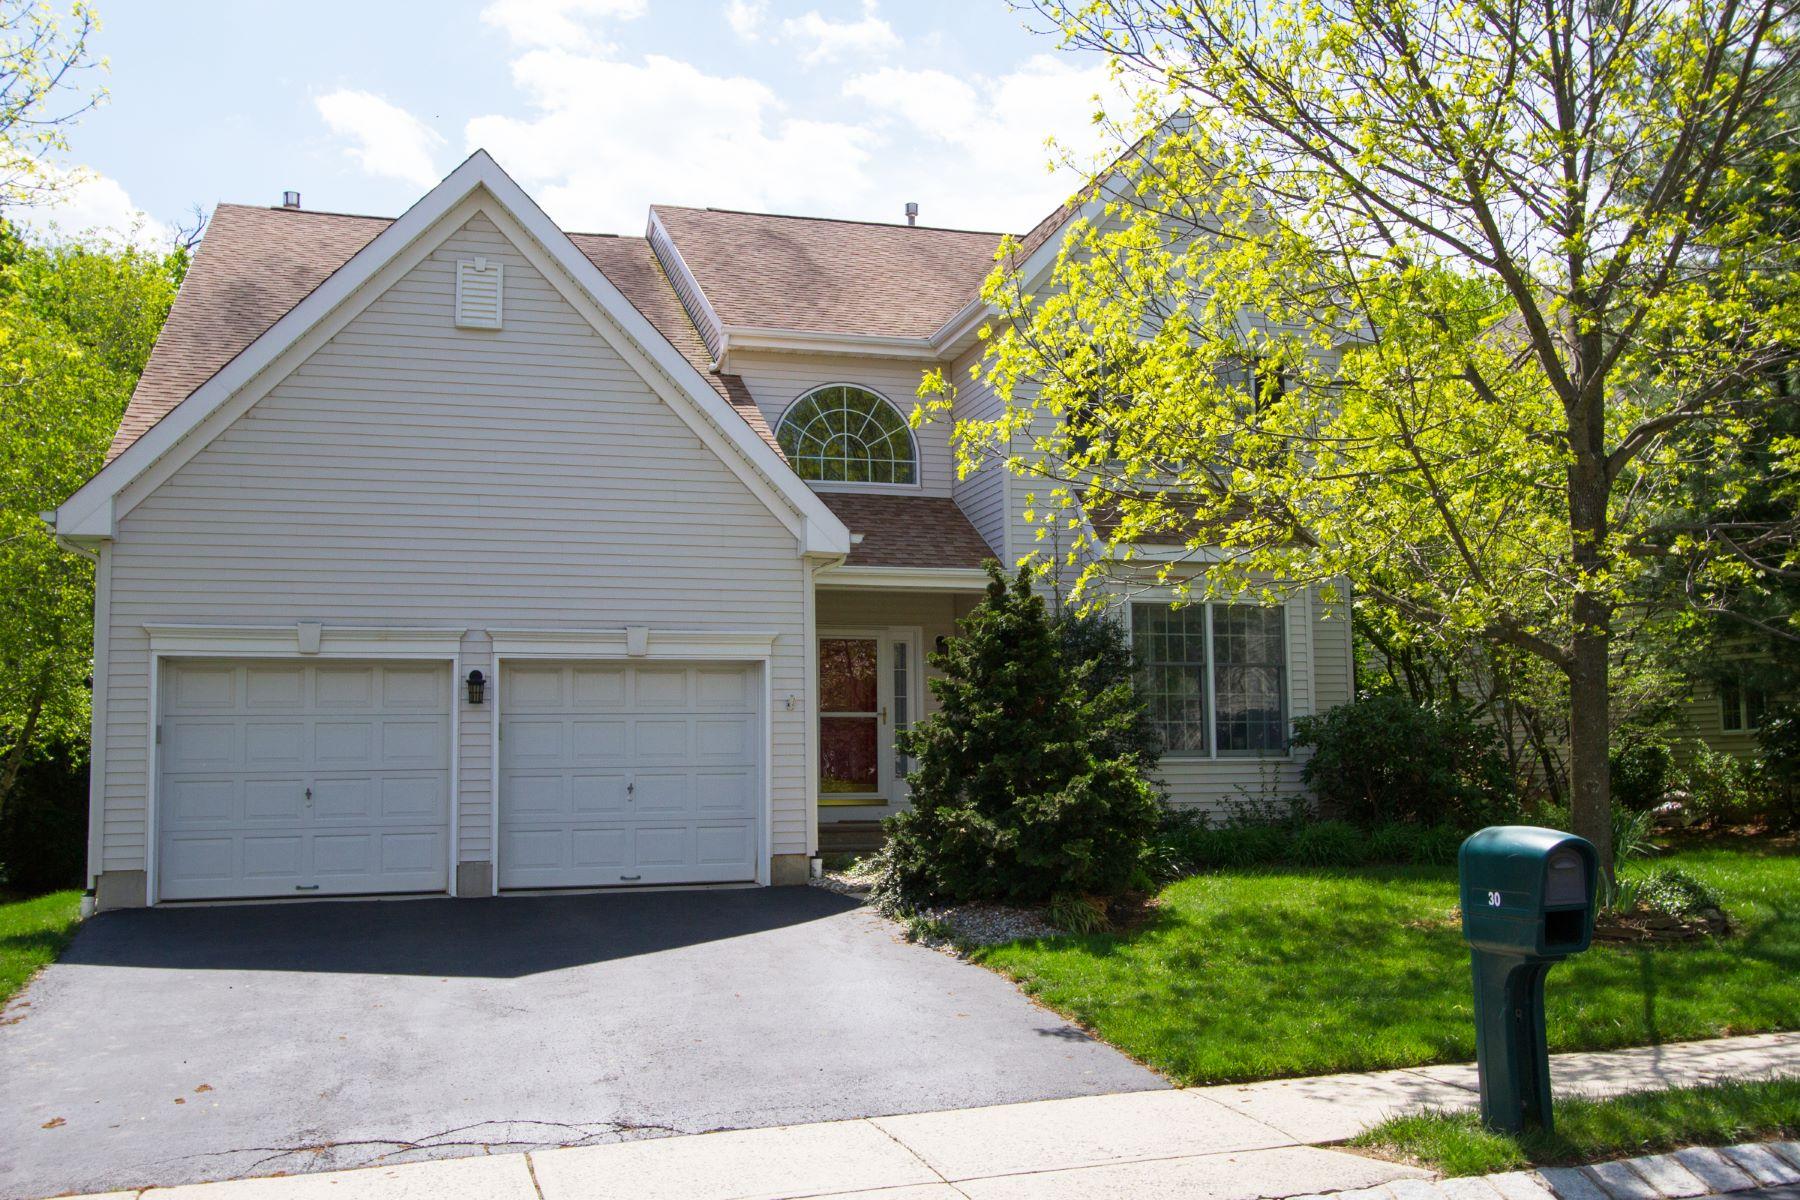 Частный односемейный дом для того Продажа на Navesink Pointe Home of Your Dreams 30 Windward Way Red Bank, Нью-Джерси 07701 Соединенные Штаты